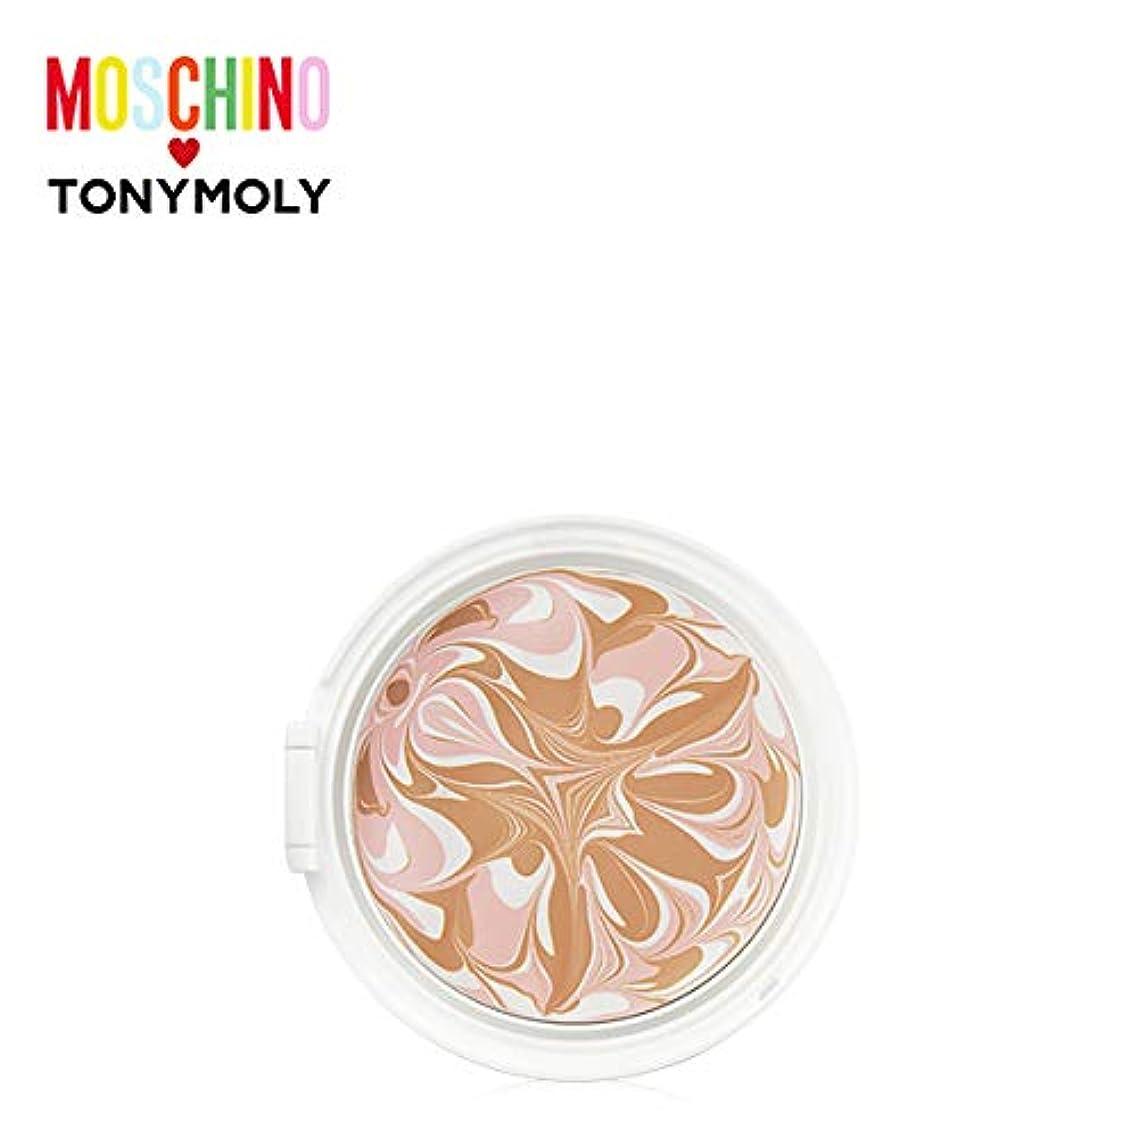 有用争う学期TONYMOLY [MOSCHINO] Chic Skin Essence Pact -Refill #01 CHIC VANILLA トニーモリー [モスキーノ] シック スキン エッセンス パクト -リフィル [詰め...